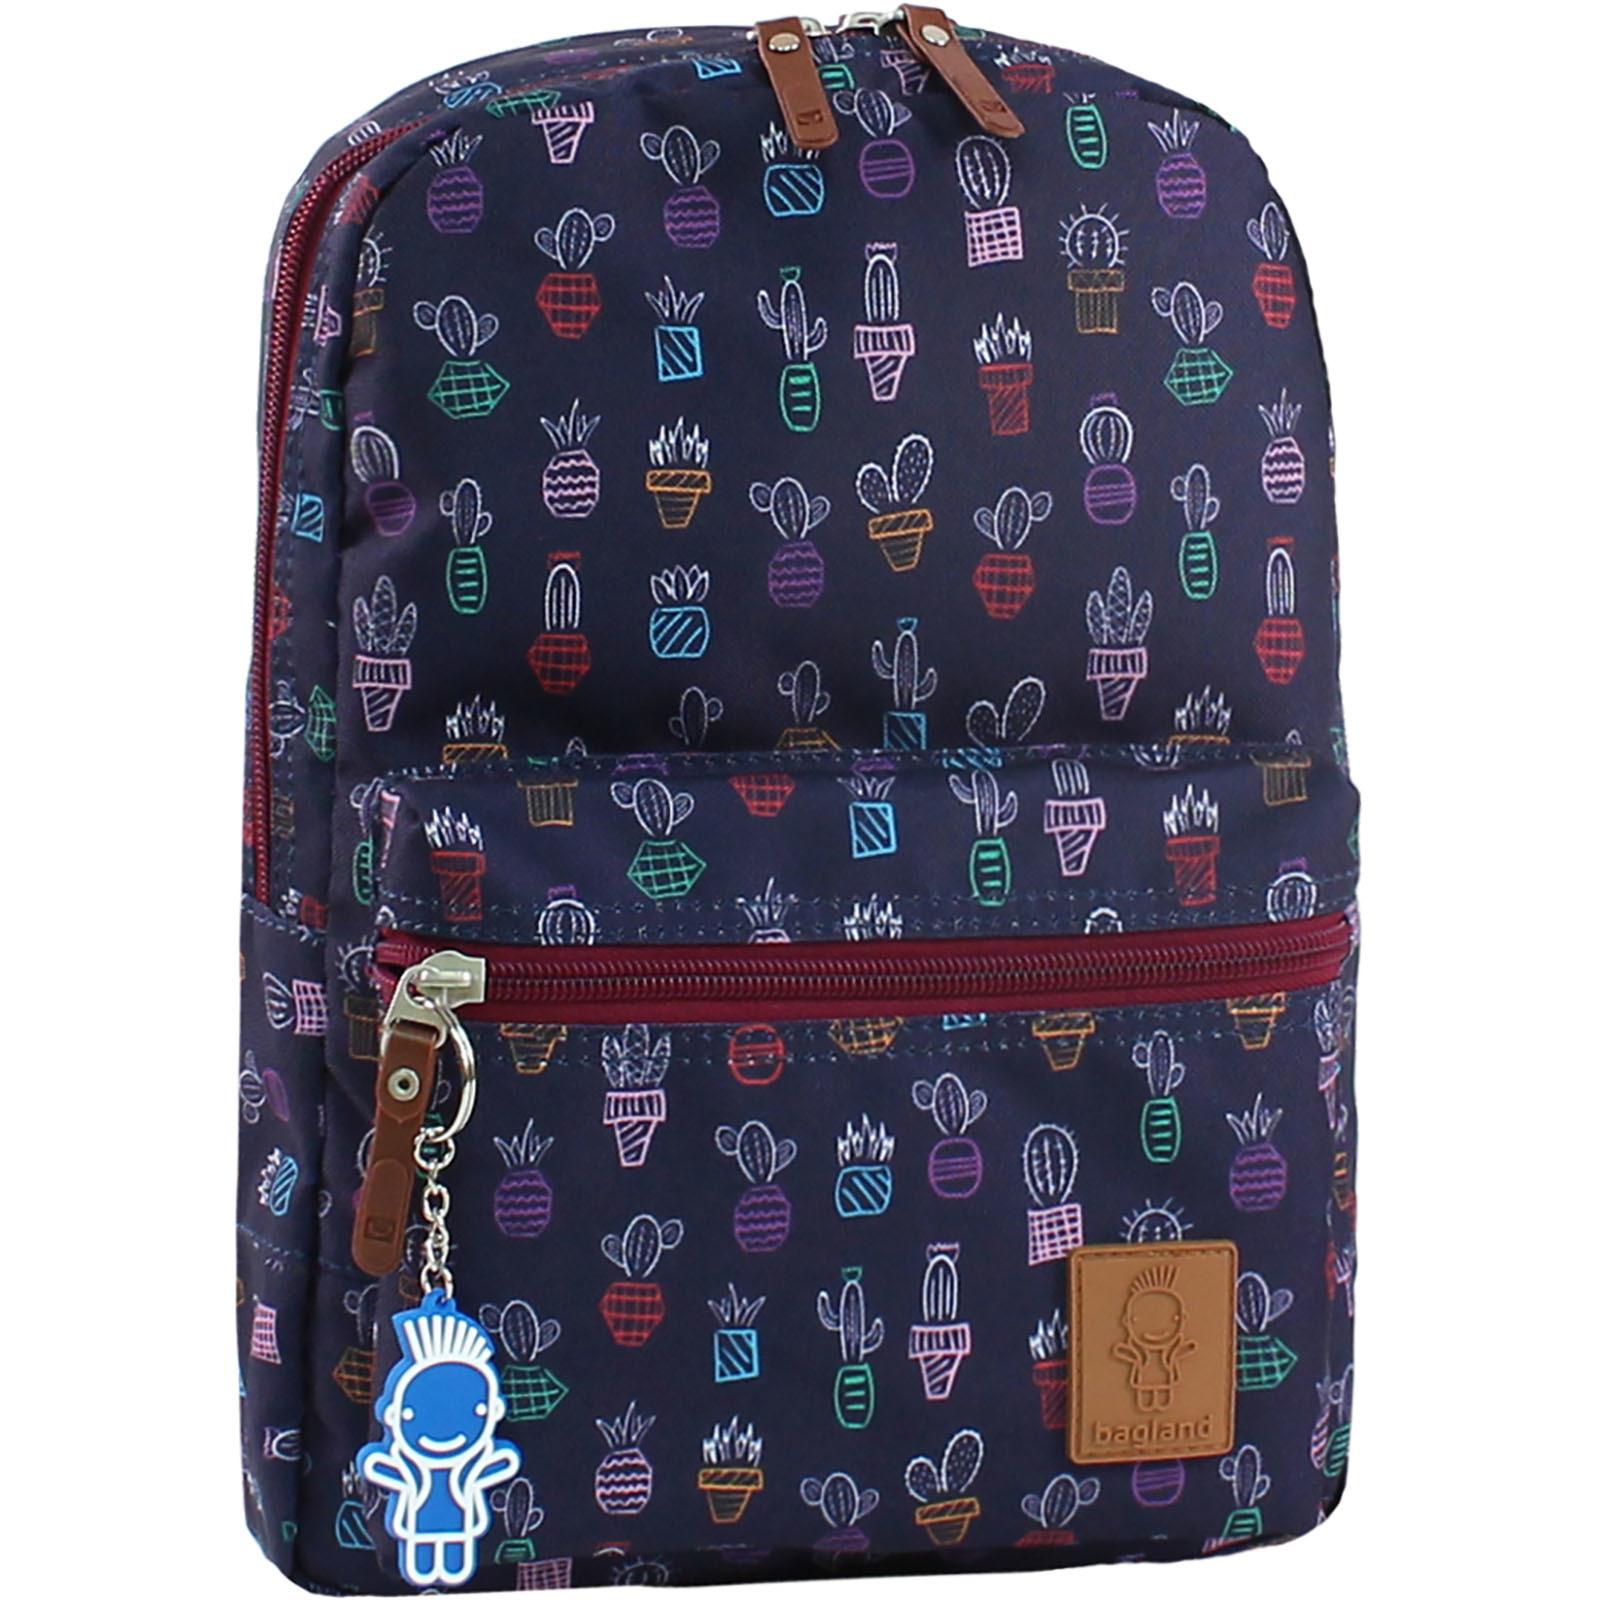 Детские рюкзаки Рюкзак Bagland Молодежный mini 8 л. сублимация 269 (00508664) IMG_7973.JPG